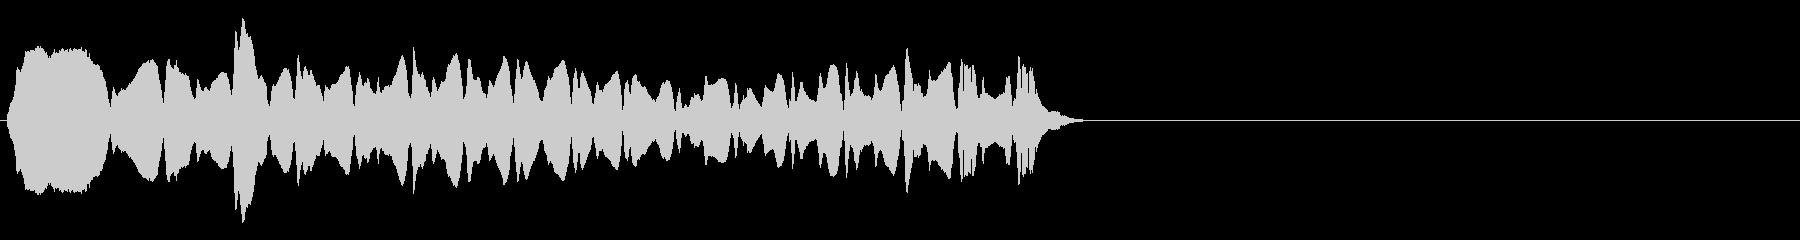 ミュートトロンボーン-ラピッド、フ...の未再生の波形